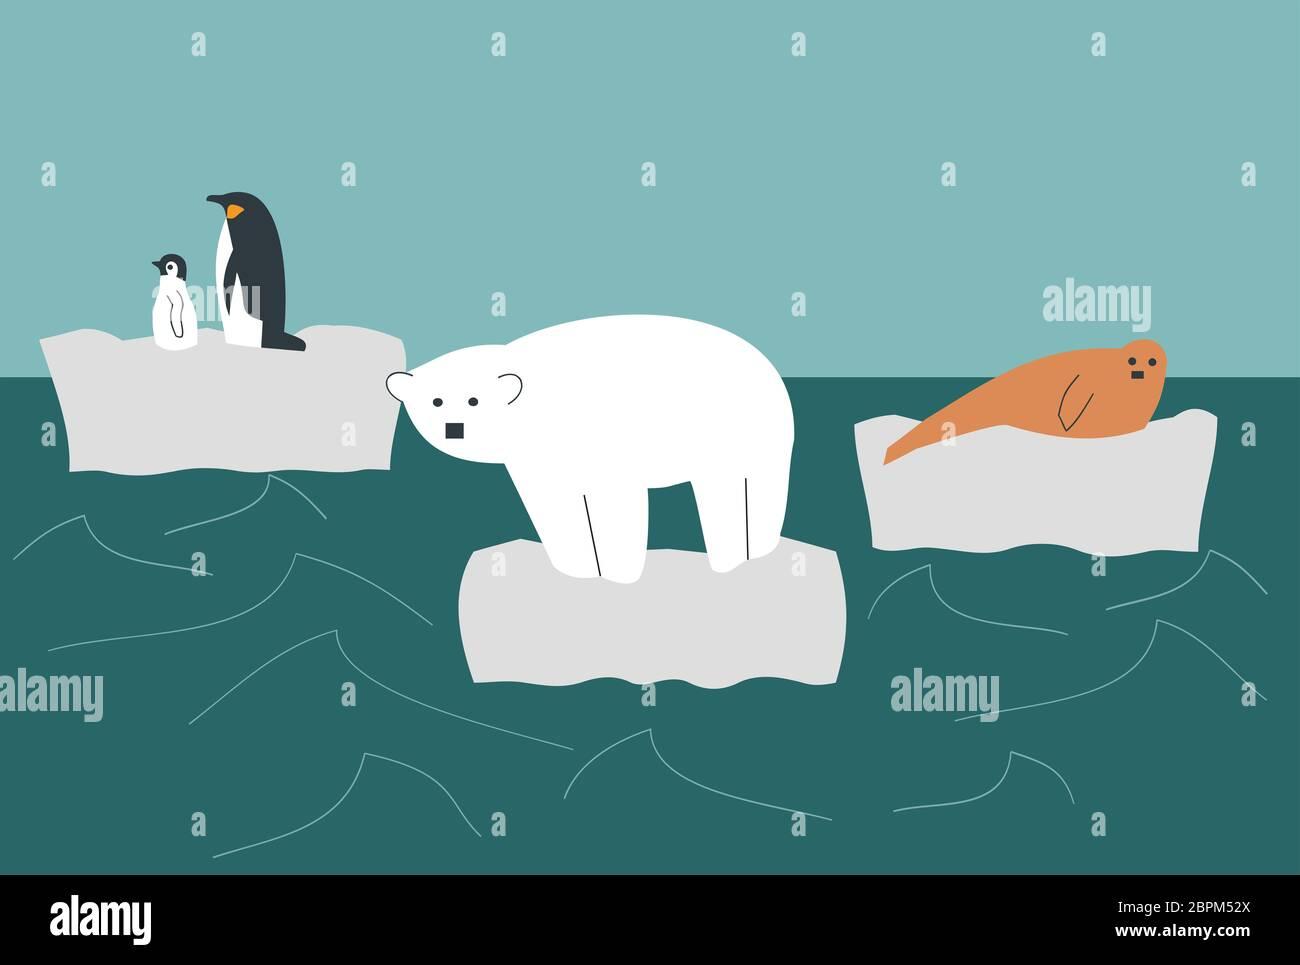 Ilustración de animales salvajes, oso polar, pingüino y foca en un glaciar de fusión en medio del océano - calentamiento global Foto de stock